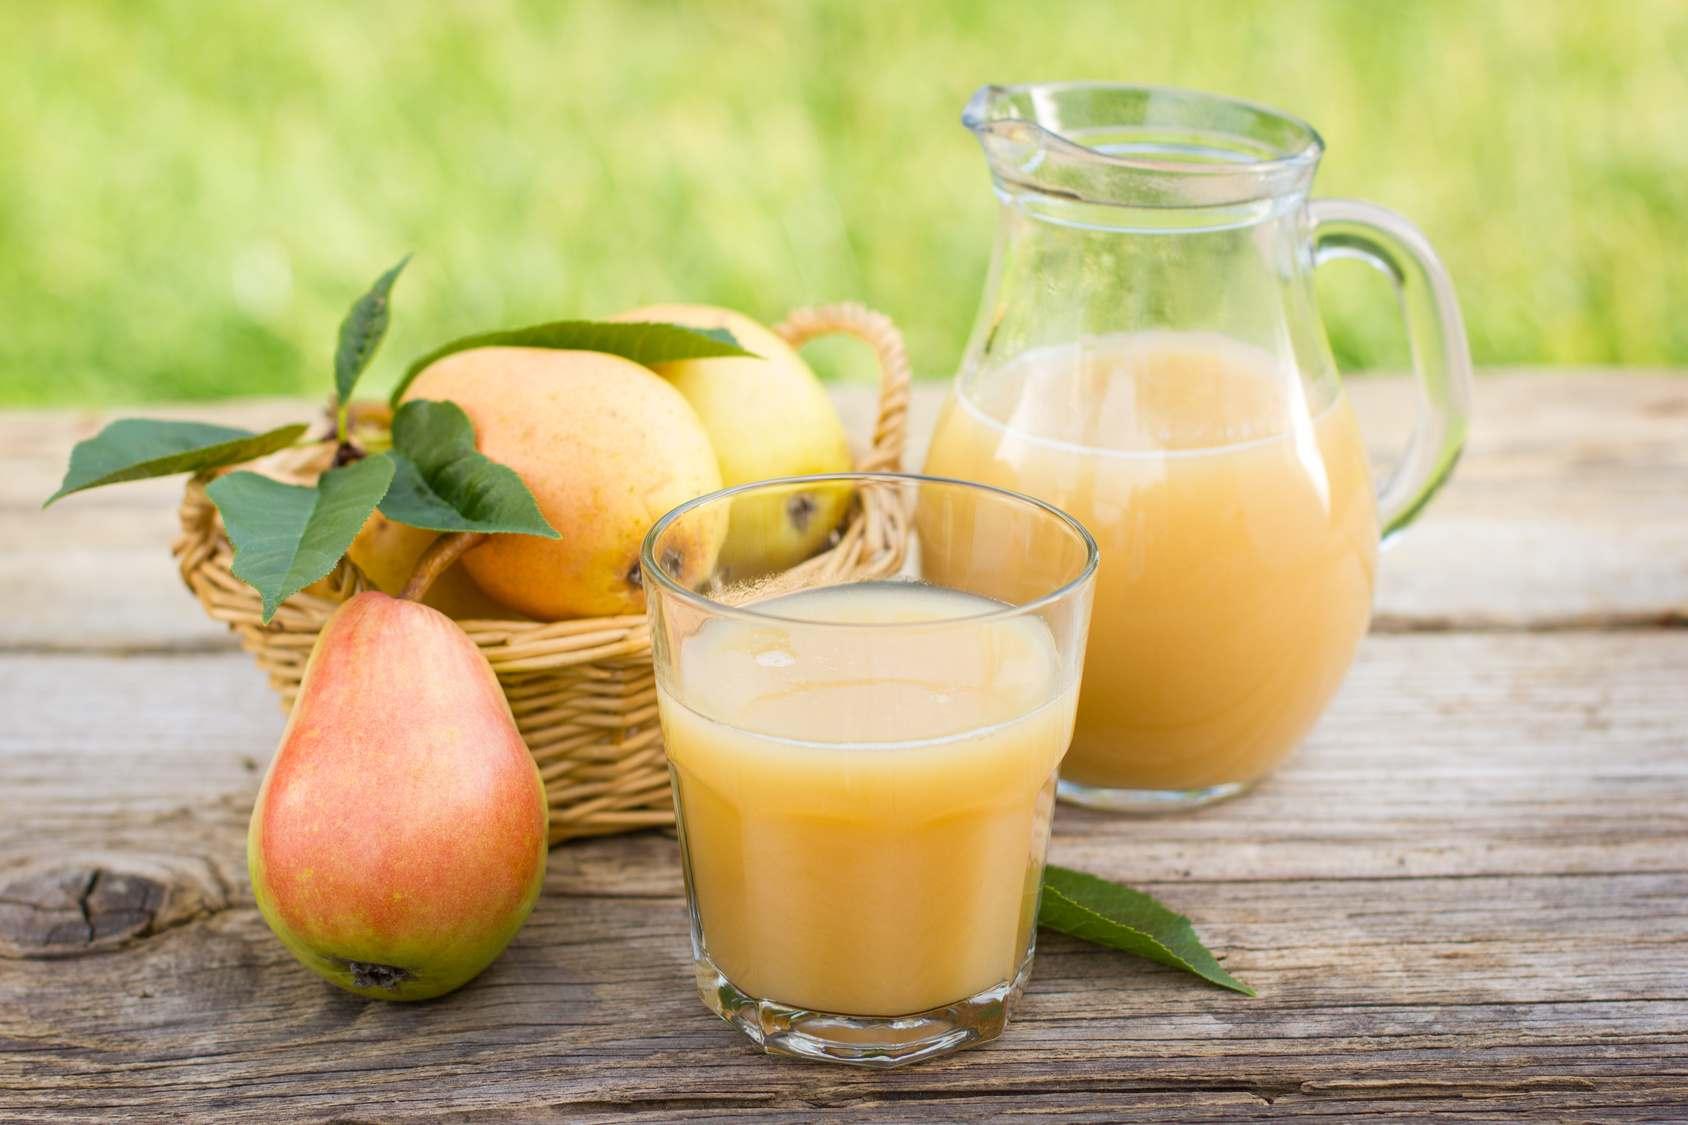 Succhi di frutta fatti in casa burrofuso for Succhi di frutta fatti in casa